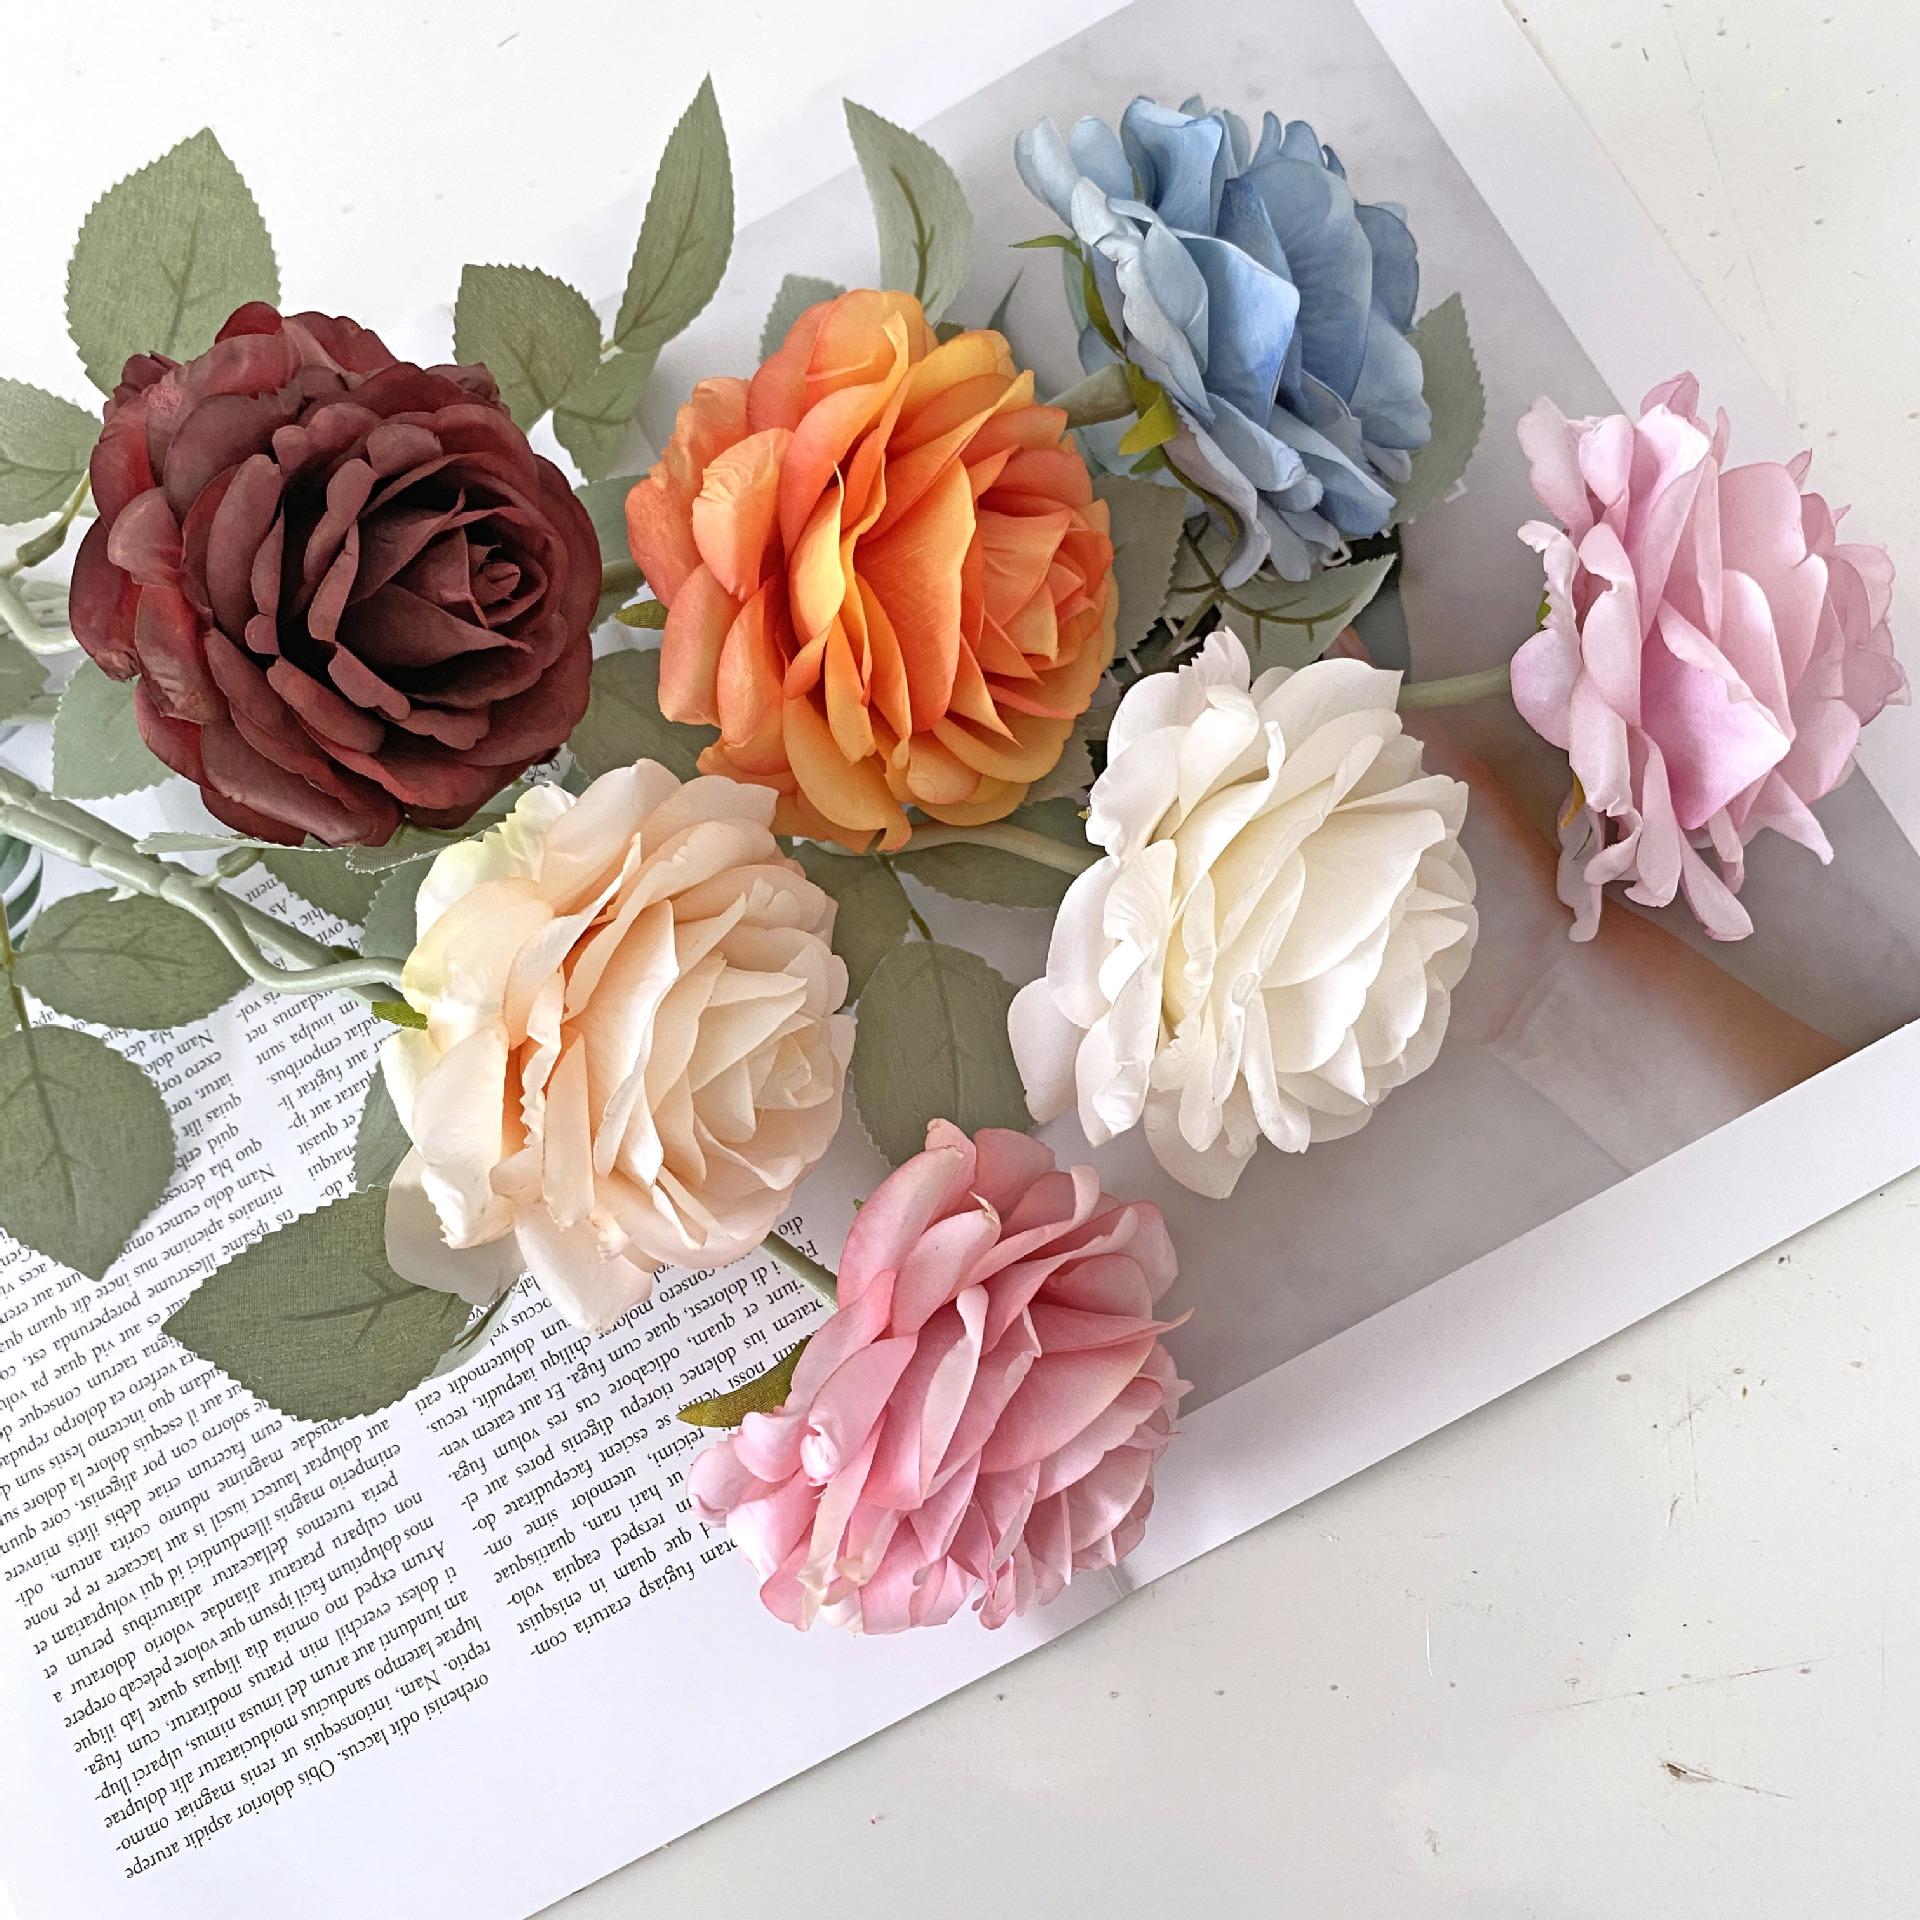 厂家优惠批发仿真花欧式油画布单支玫瑰绢花拍照假花婚庆家装摆件